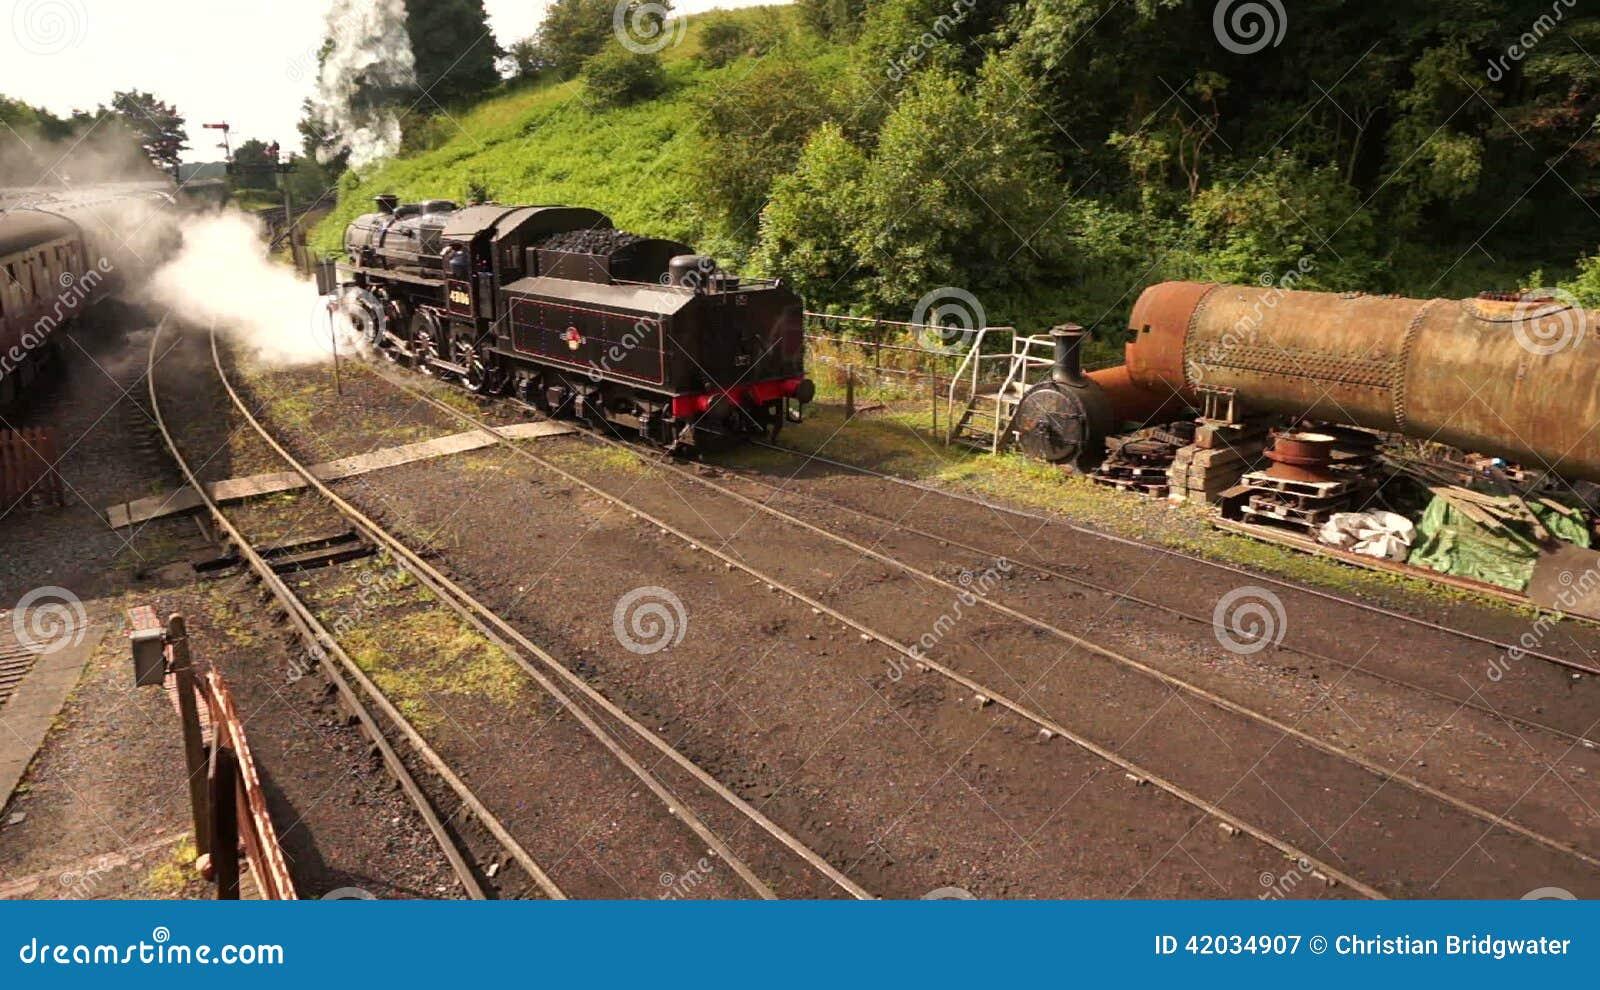 Free photo: steam locomotive engine travel, train, steam free.